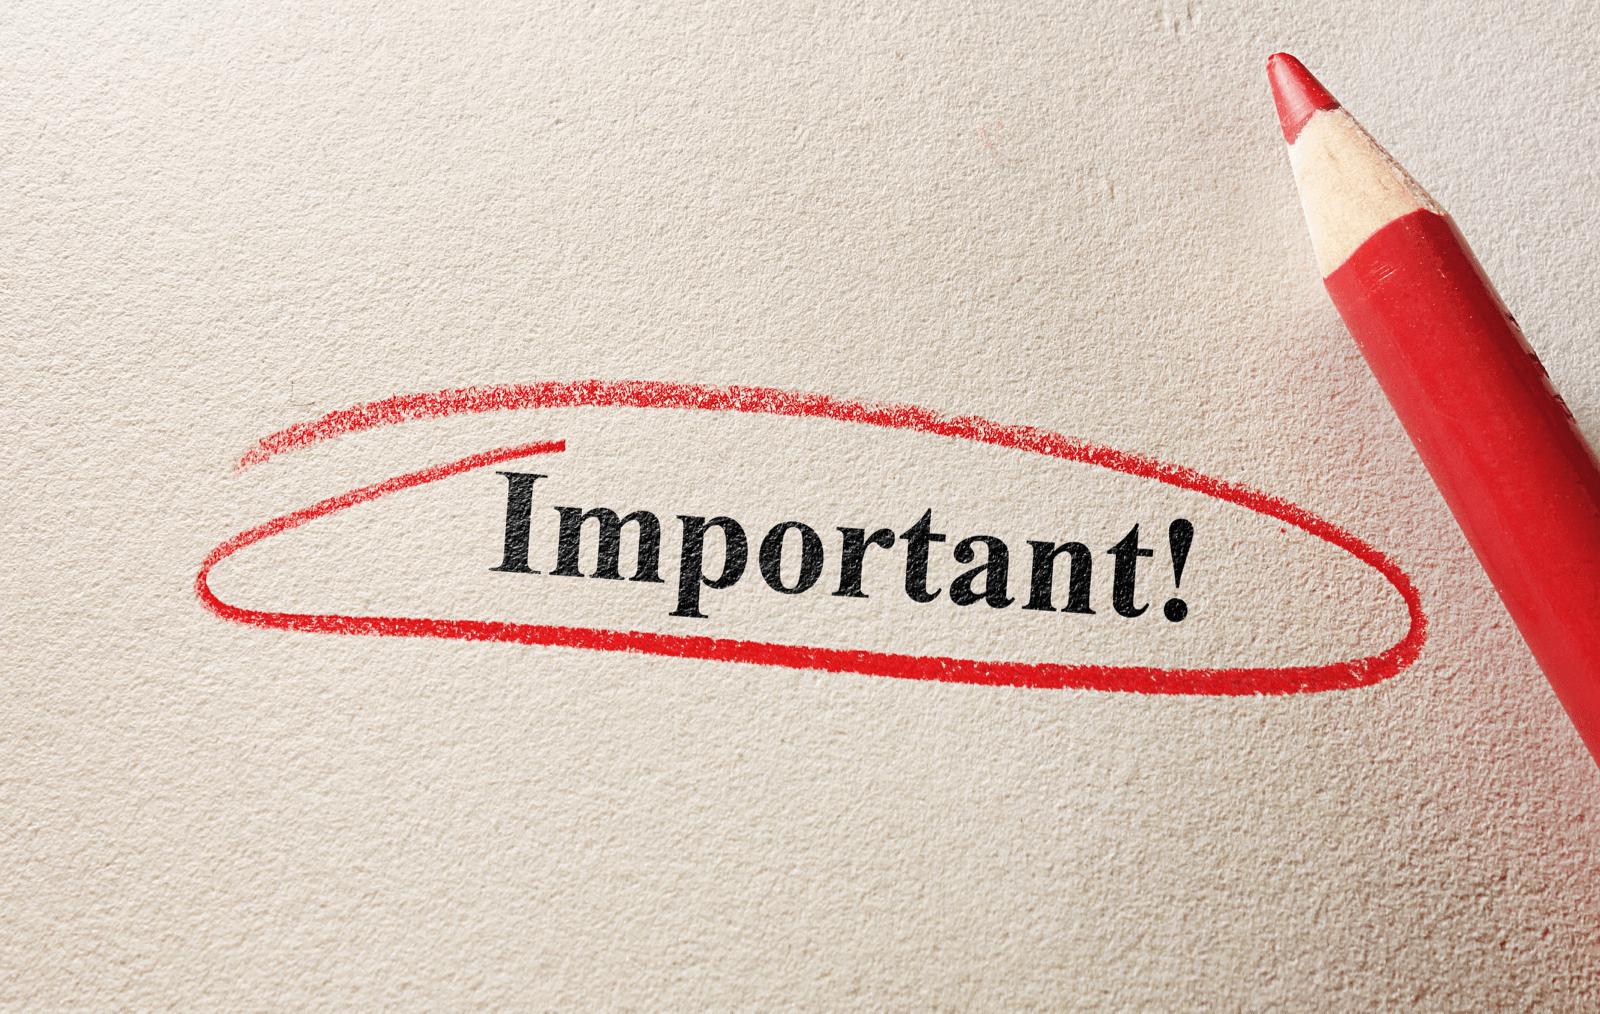 「Important」の文字が赤えぴつで丸く囲まれている様子